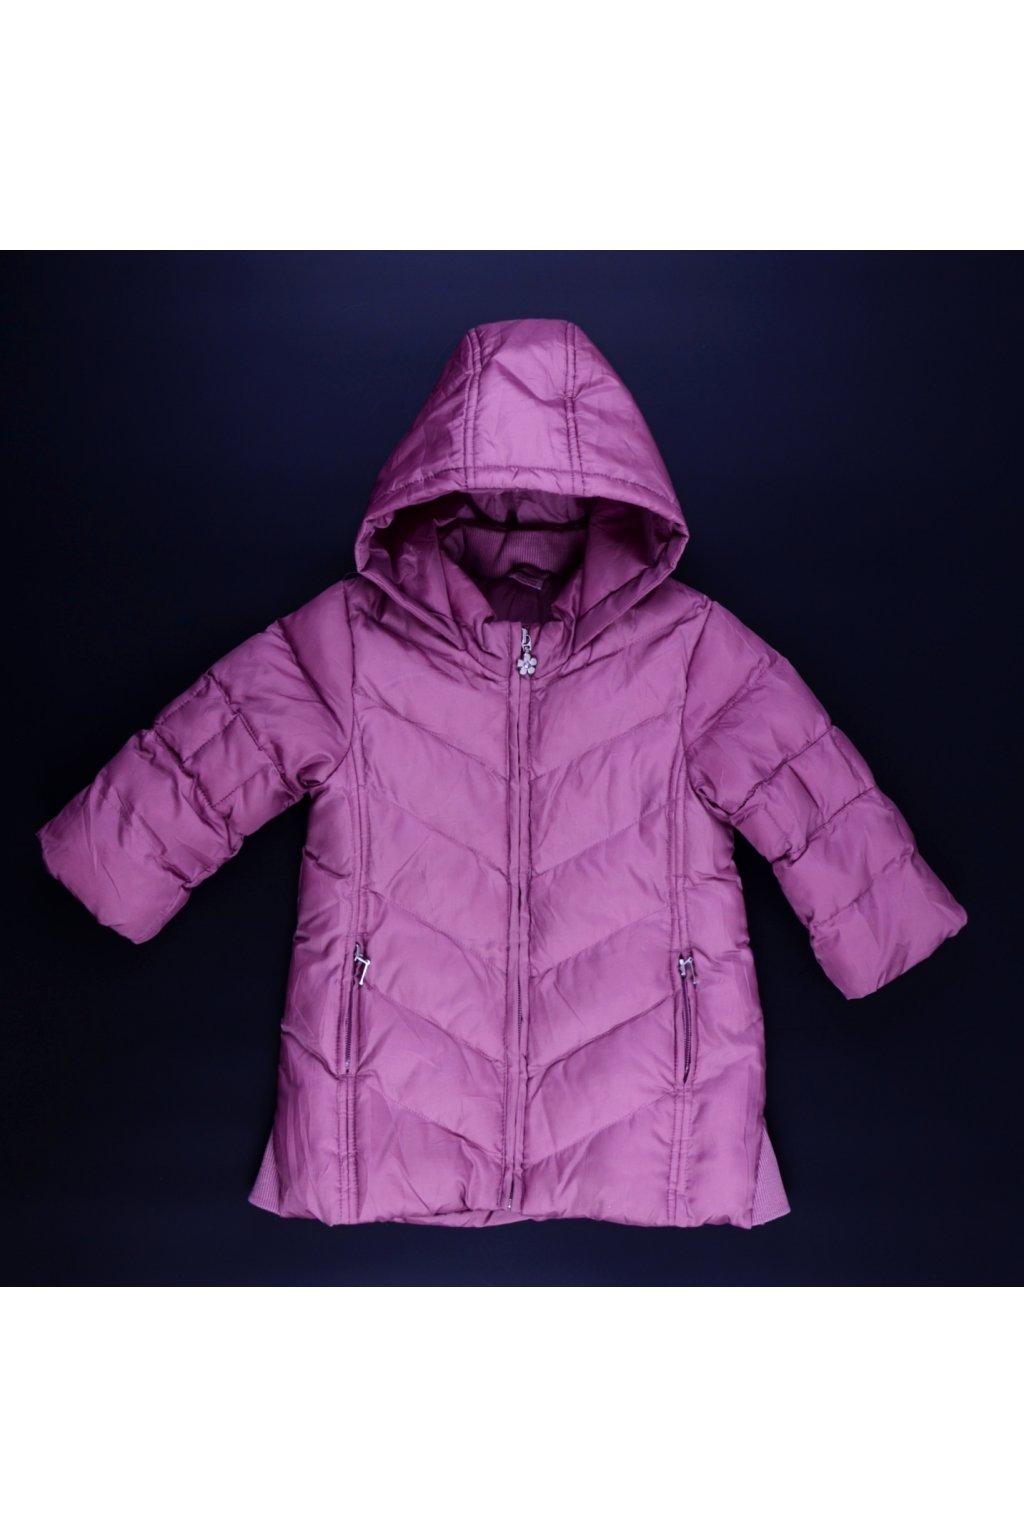 Bunda kabát Marks&Spencer 12-18/86 růžová